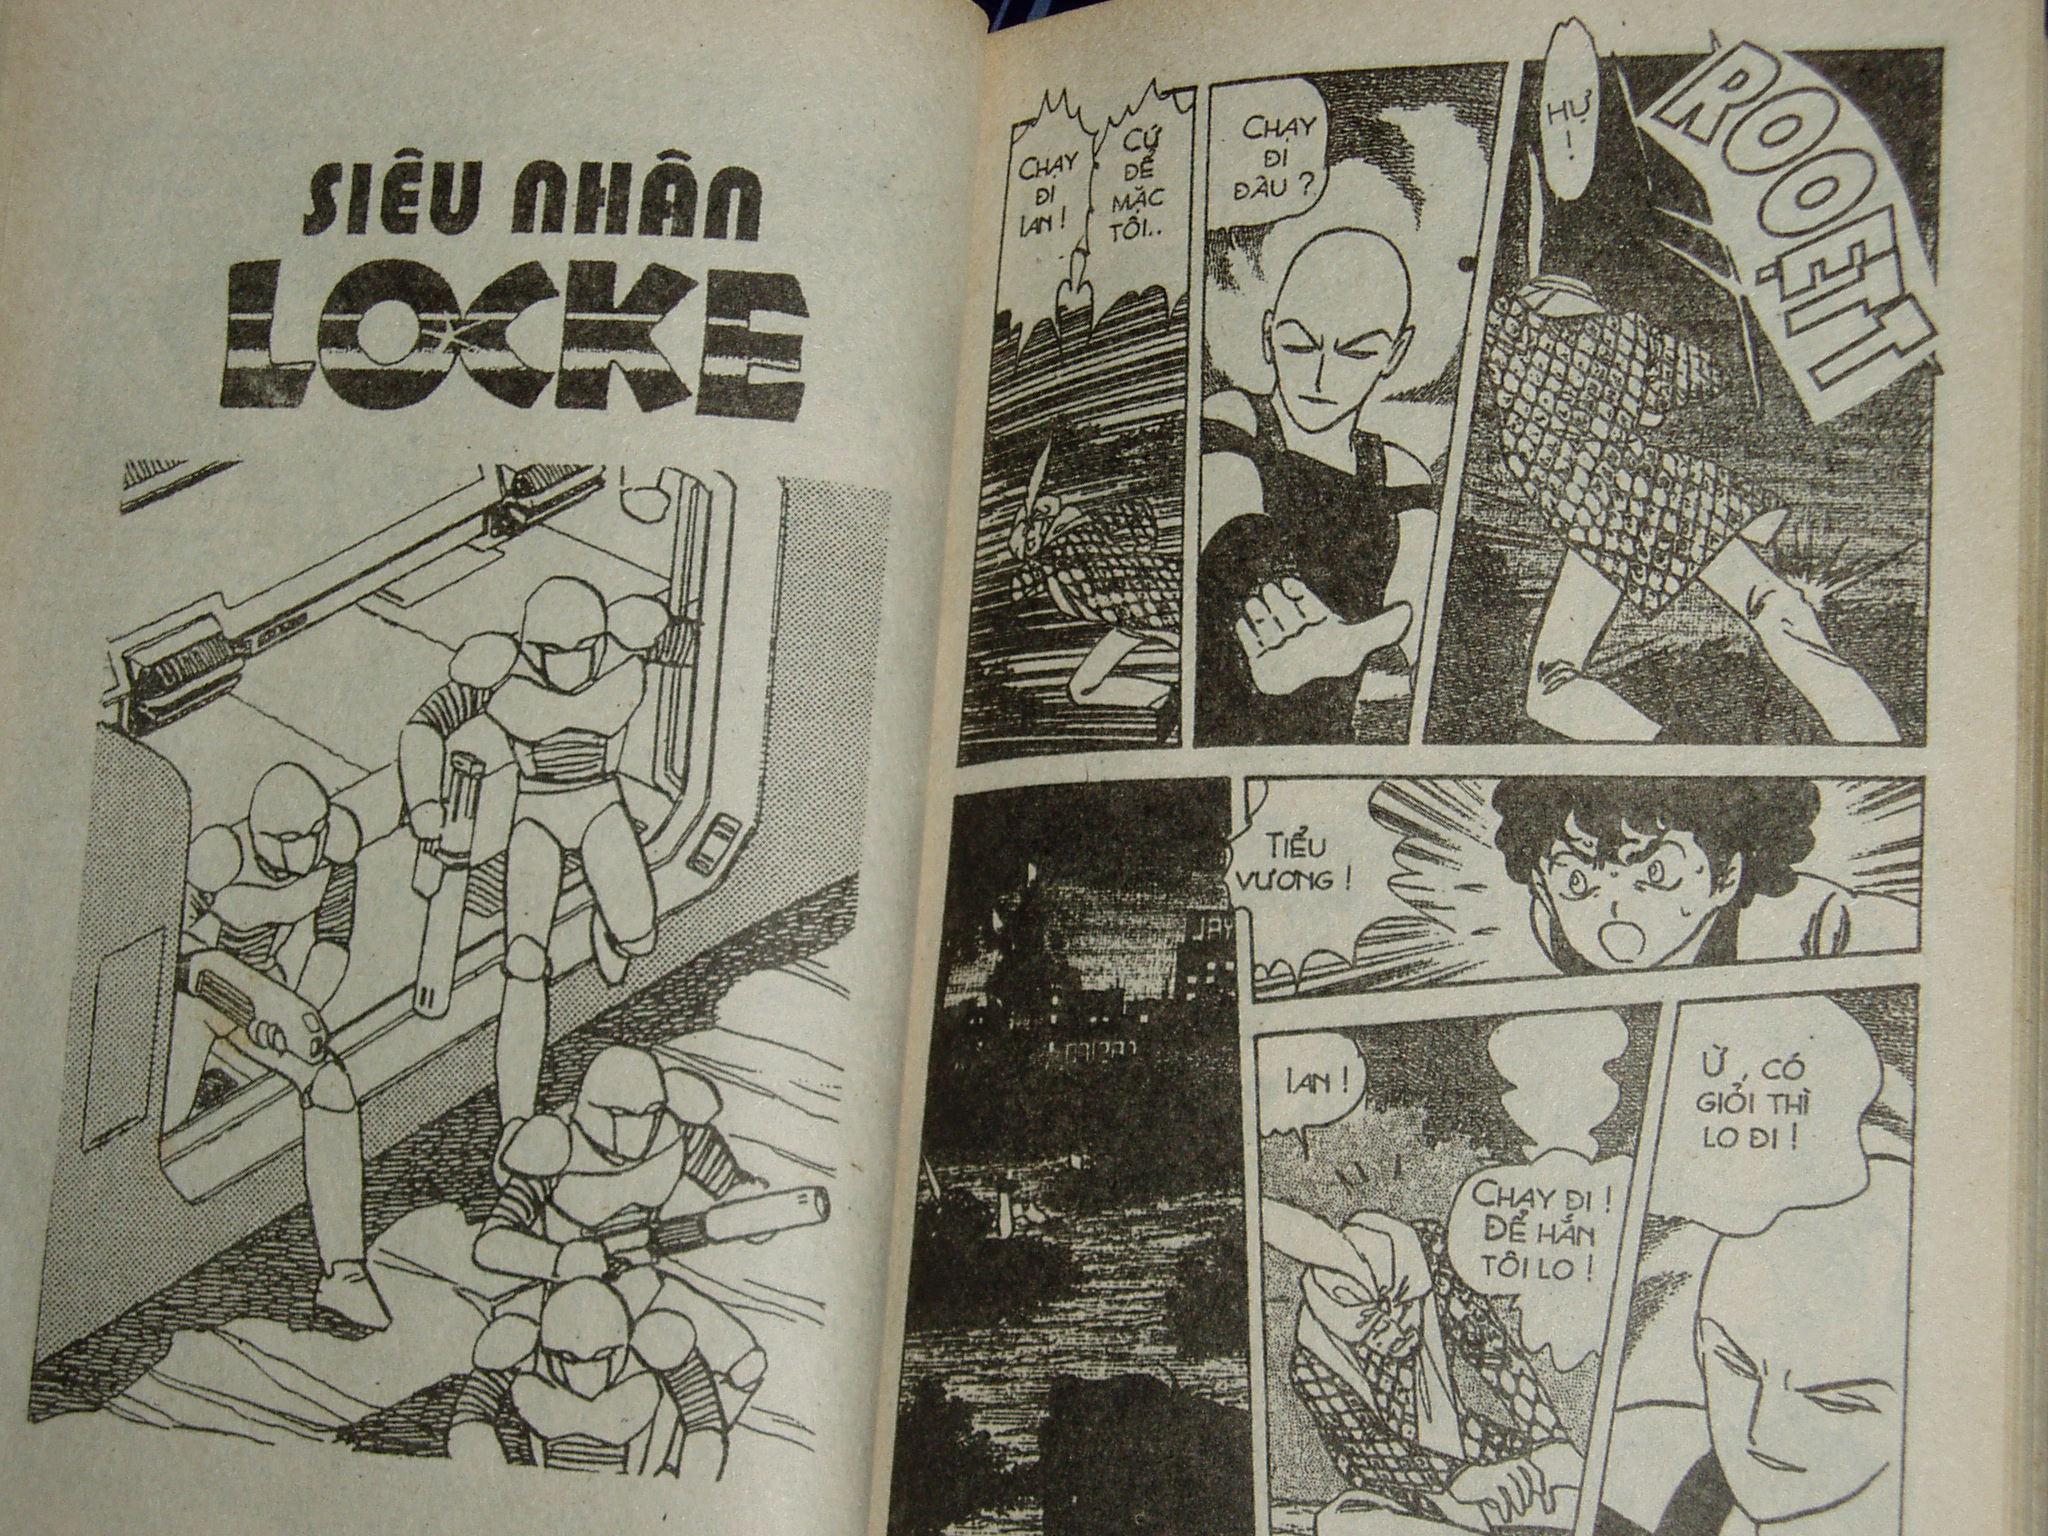 Siêu nhân Locke vol 14 trang 29